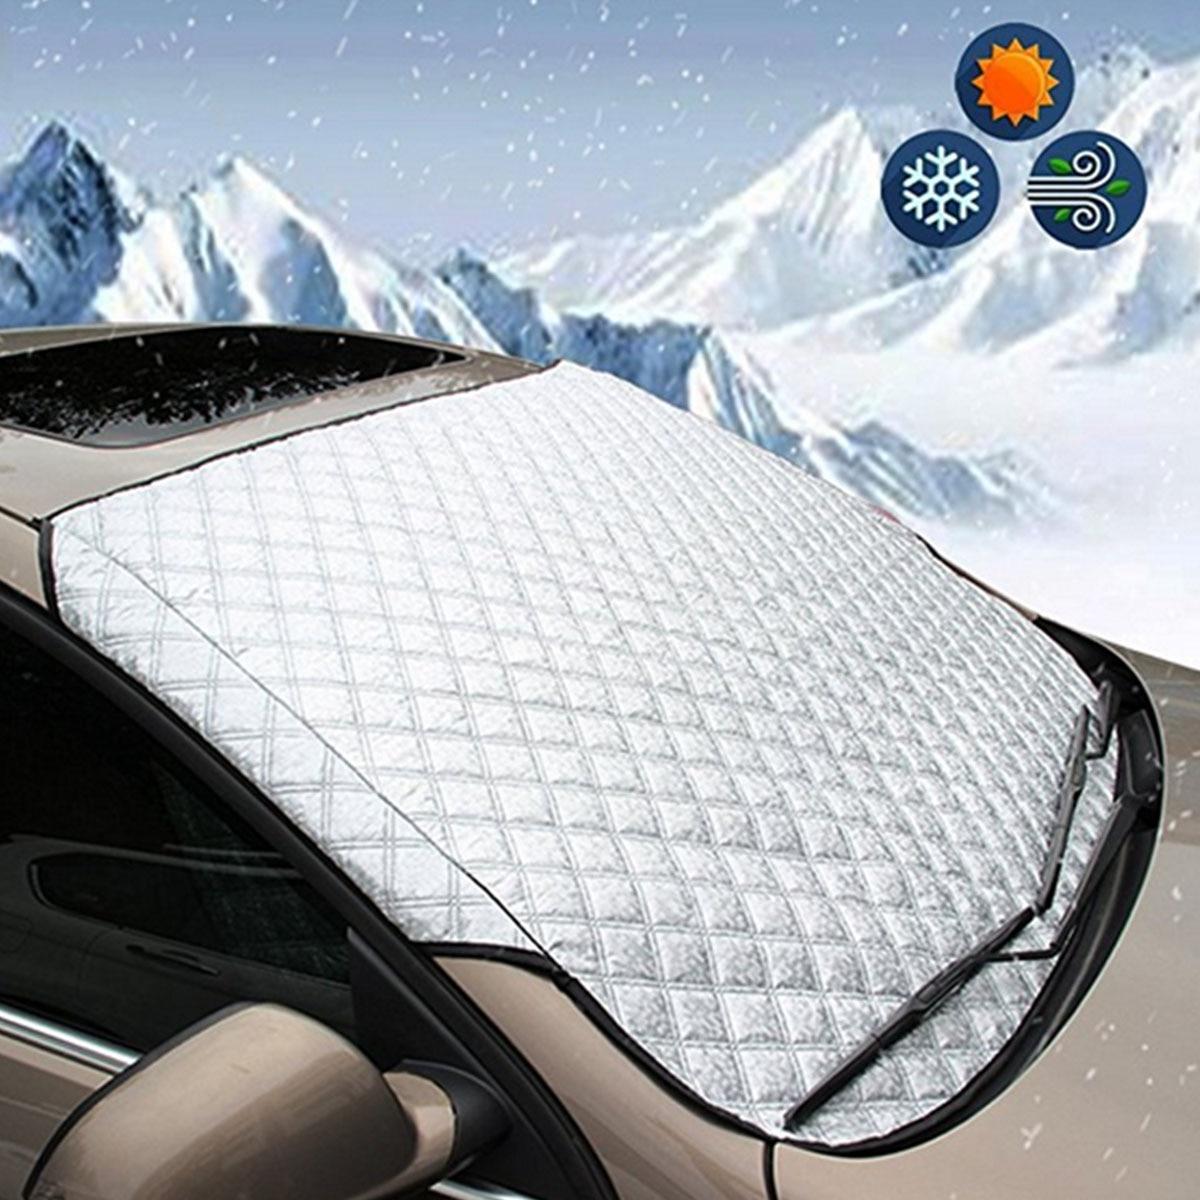 Чехол для экрана магнитный автомобильный оконный экран Солнечный свет Мороз лед снег Защита от пыли